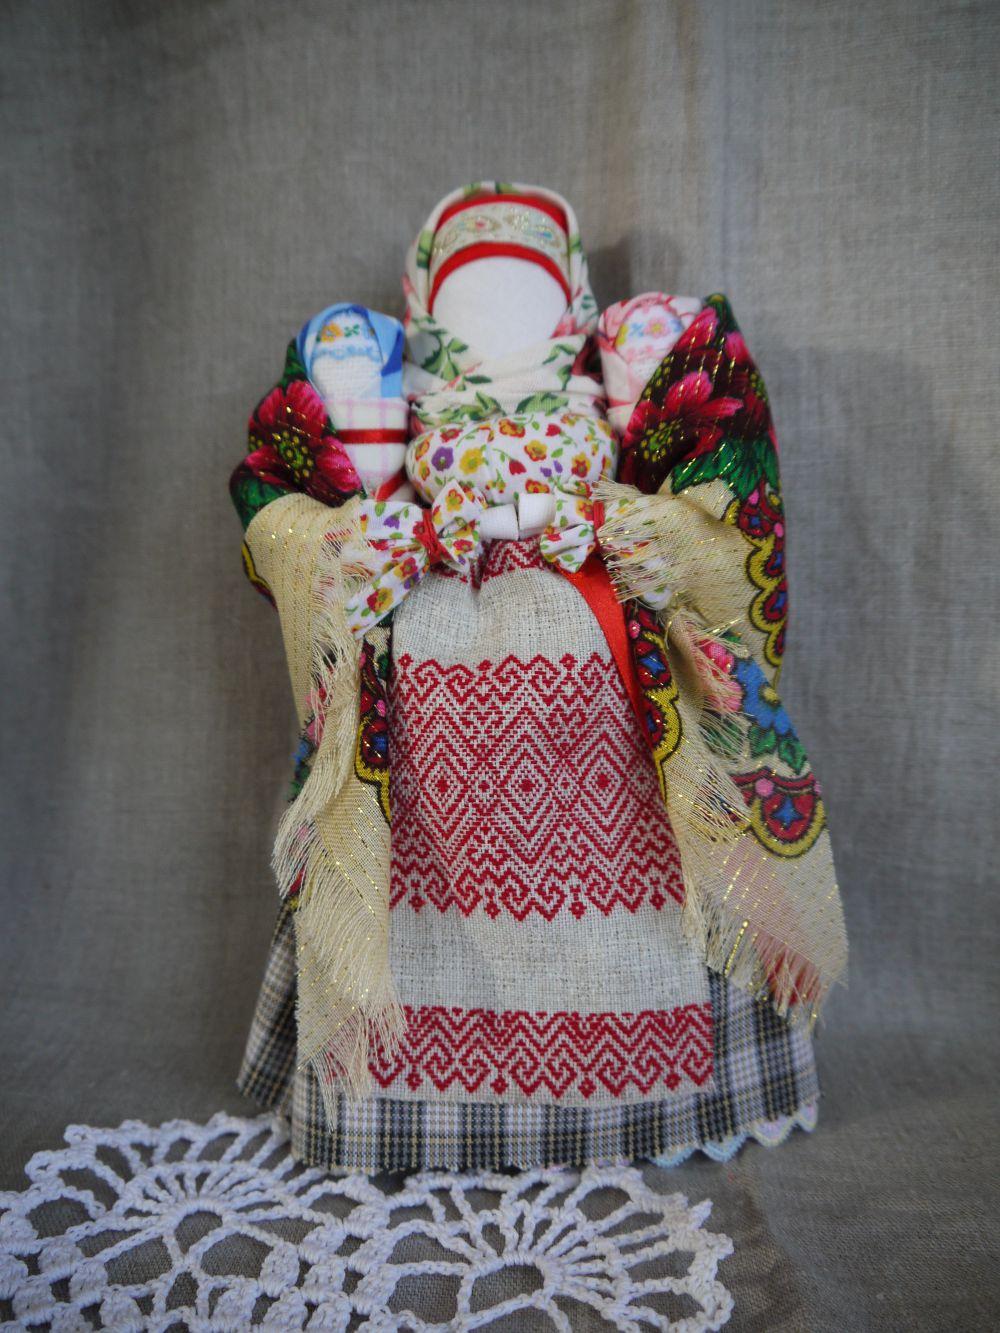 Кукла Московка с прикреплёнными к ней детишками является символом материнской заботы и любви. Мать любит своих детей, сколько бы их не было. Основа куклы - столбец - символ мужской силы. Такая кукла представляла собой оберег семьи и здоровья, единения мужского и женского начала, продолжения рода.